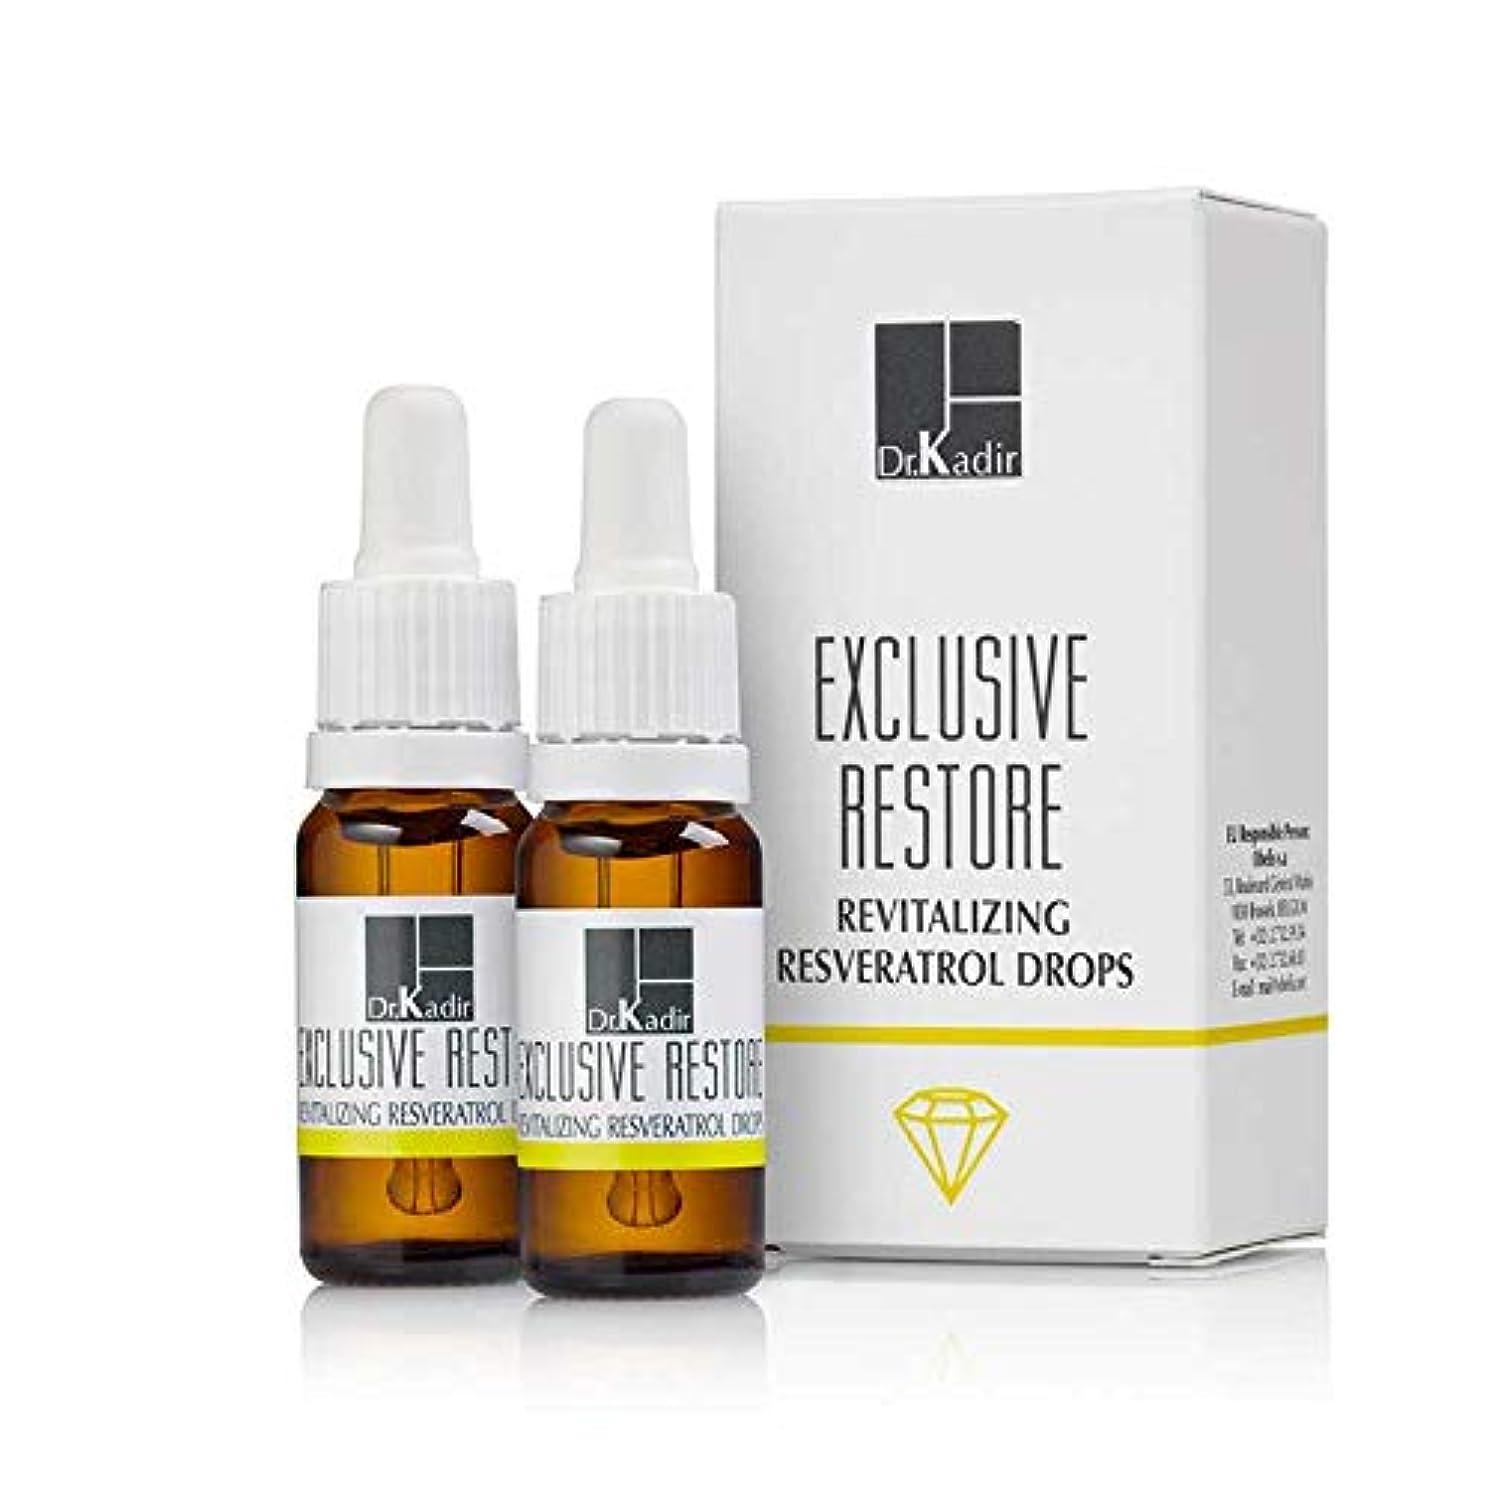 テストのり呼吸Dr. Kadir Exclusive Restore Skin Revitalizing Resveratrol Drops 2x10ml